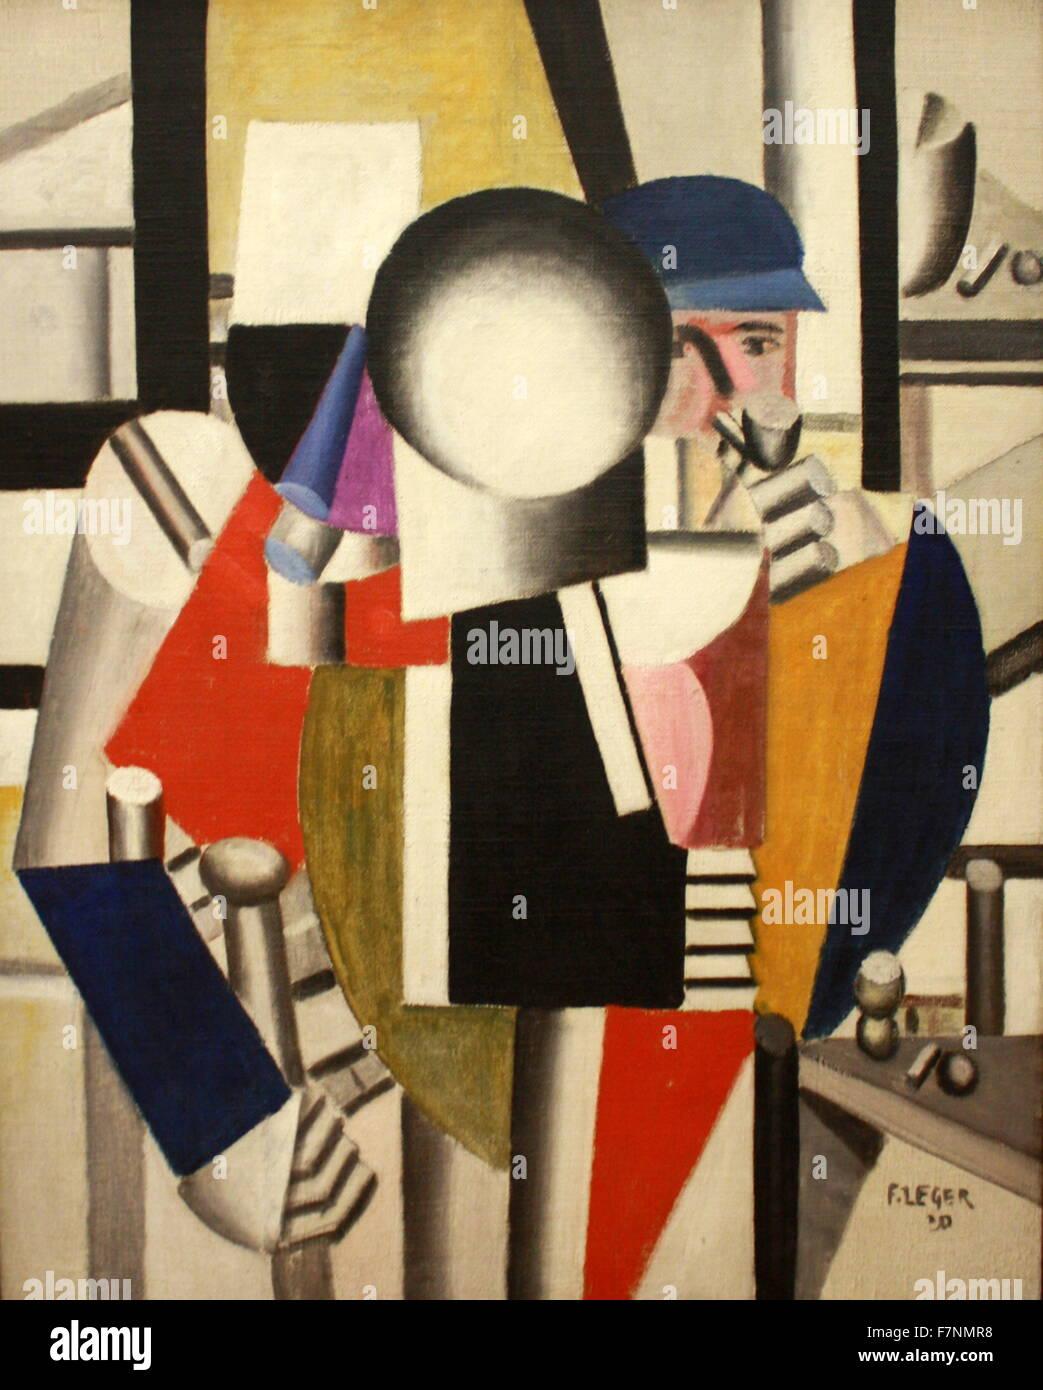 Les trois camarades de Fernand Léger. Photo Stock